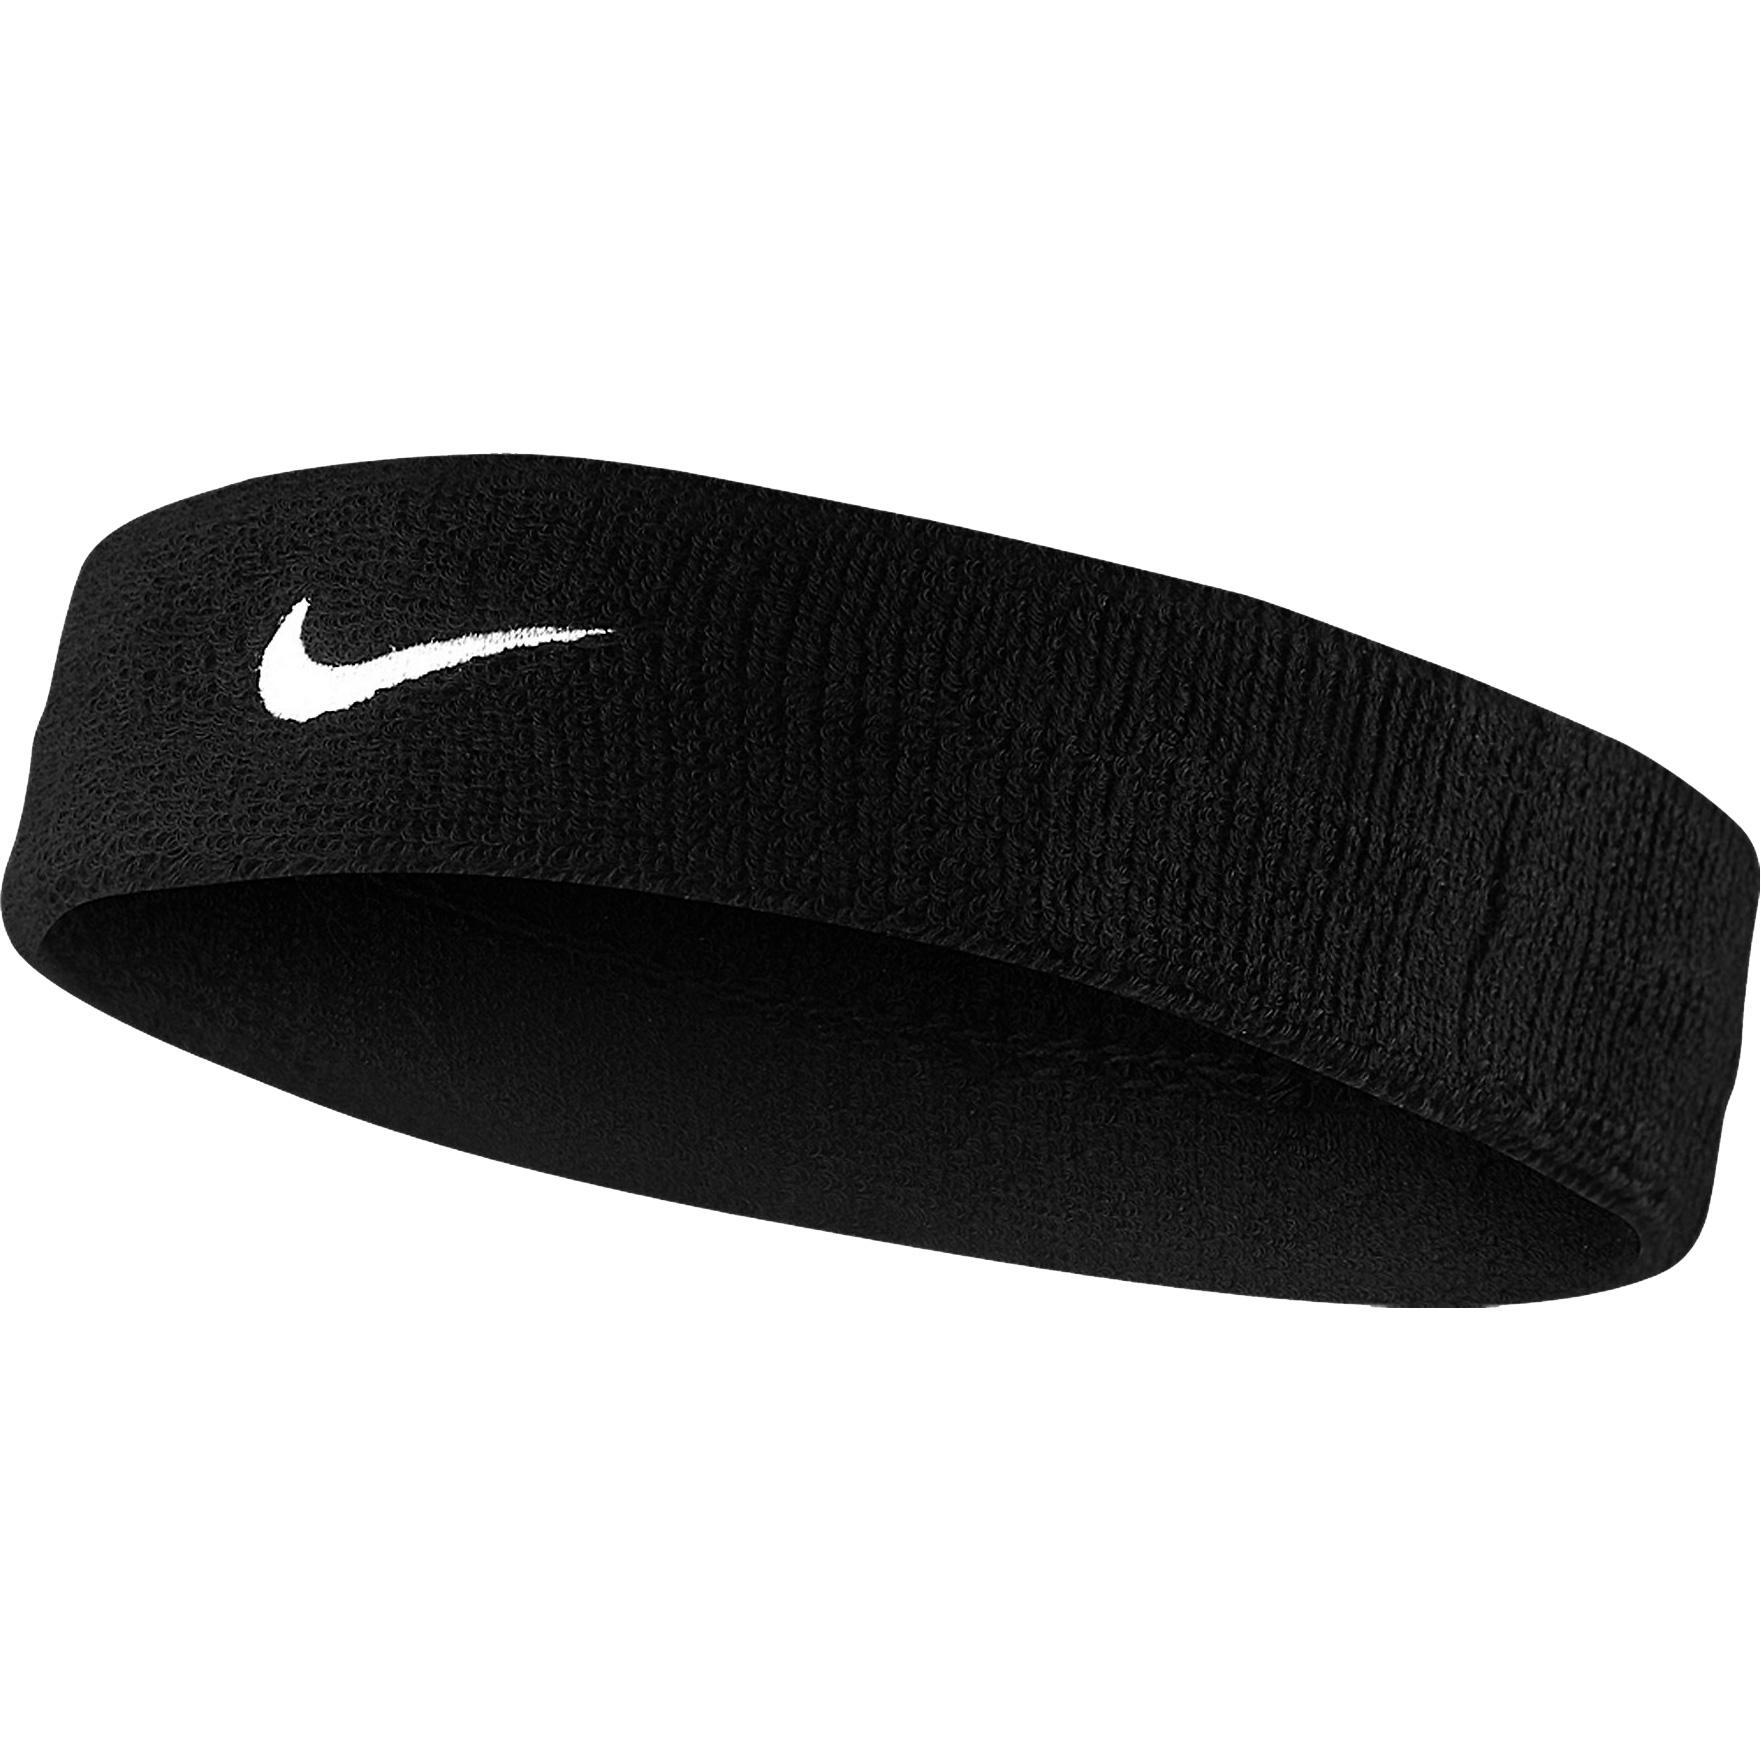 Nike Swoosh Headband - Black - Tennisnuts.com